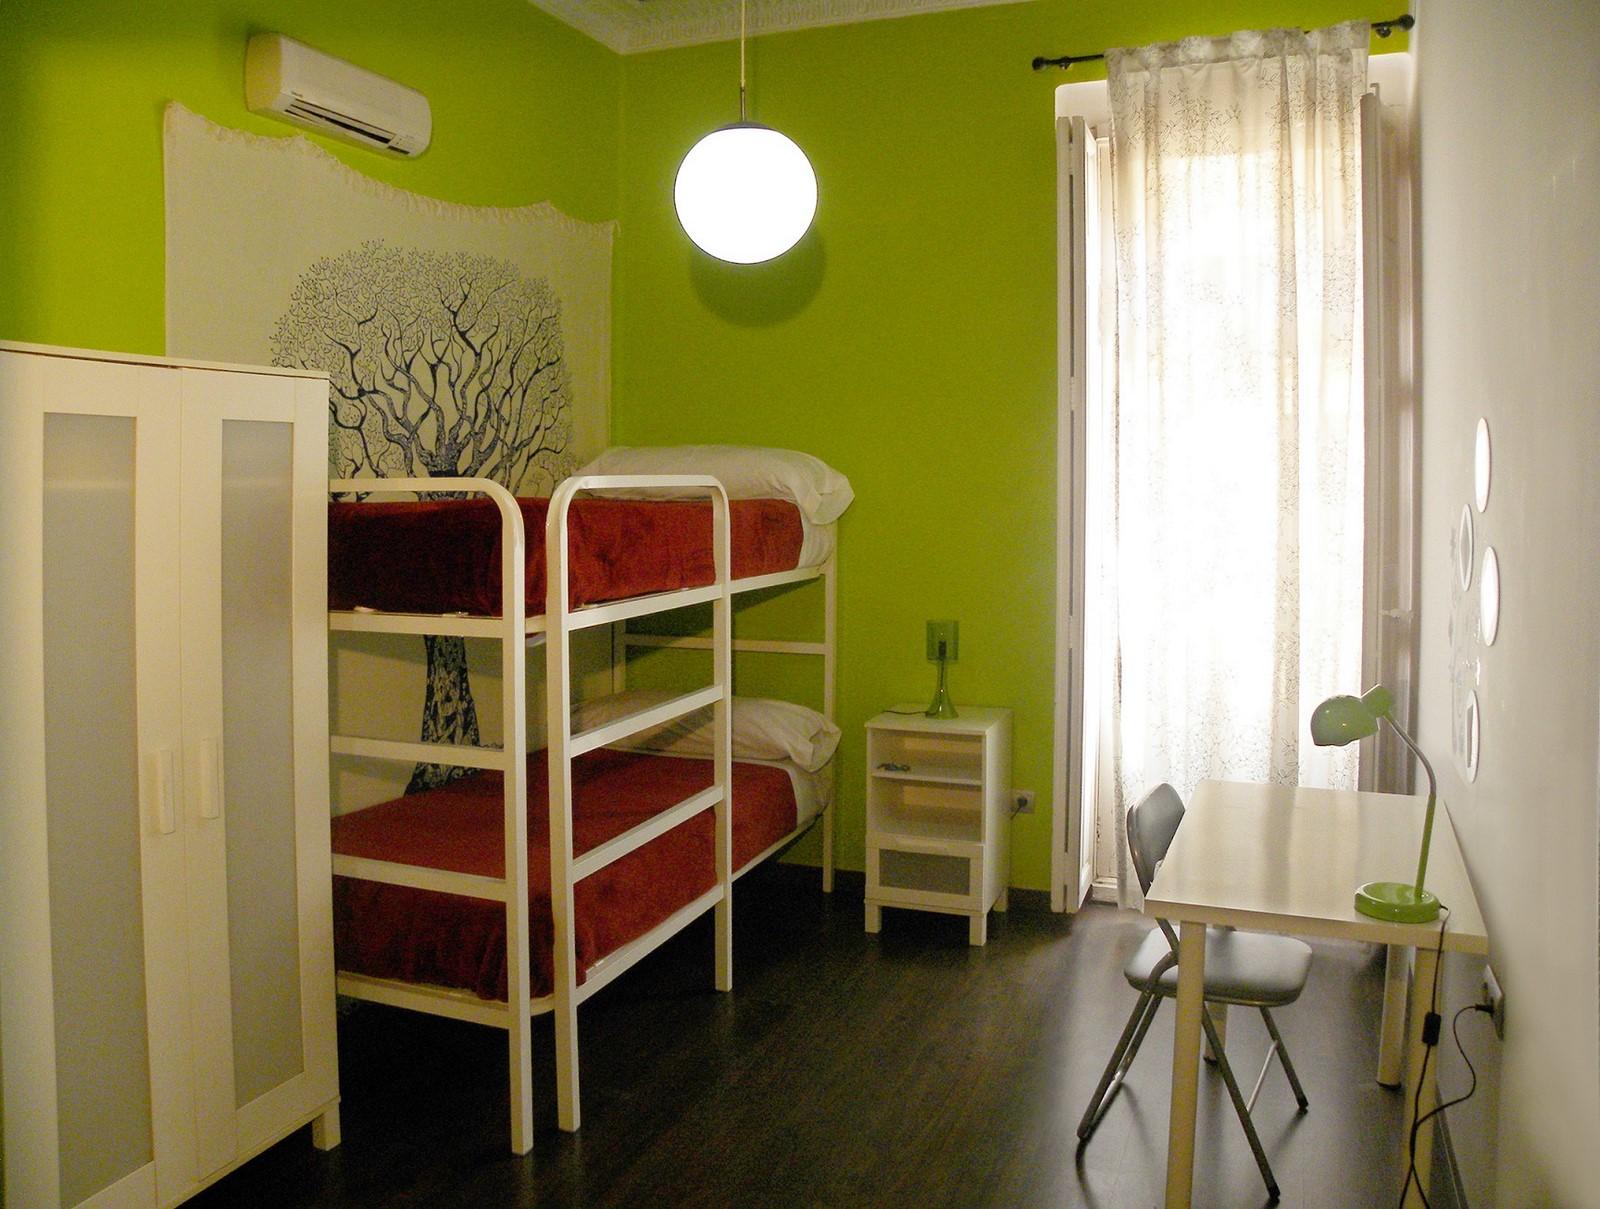 valencia-rooms-galeria-alquiler-habitacion-valencia-2-personas-